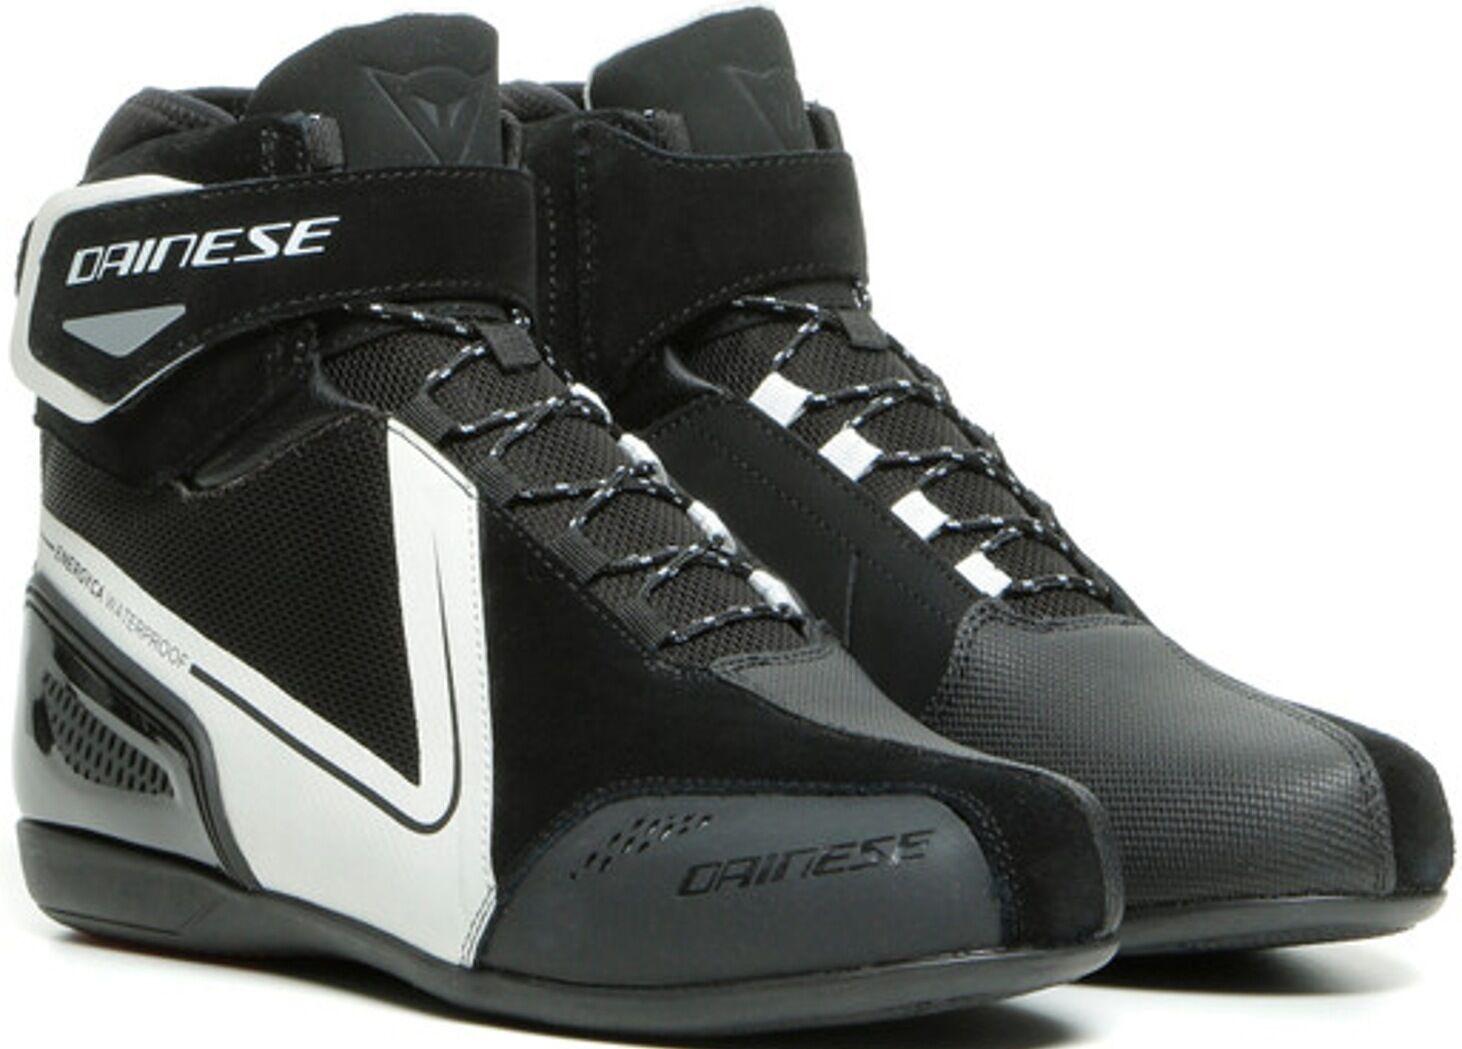 Dainese Energyca D-WP chaussures de moto imperméables pour dames Noir Blanc taille : 36